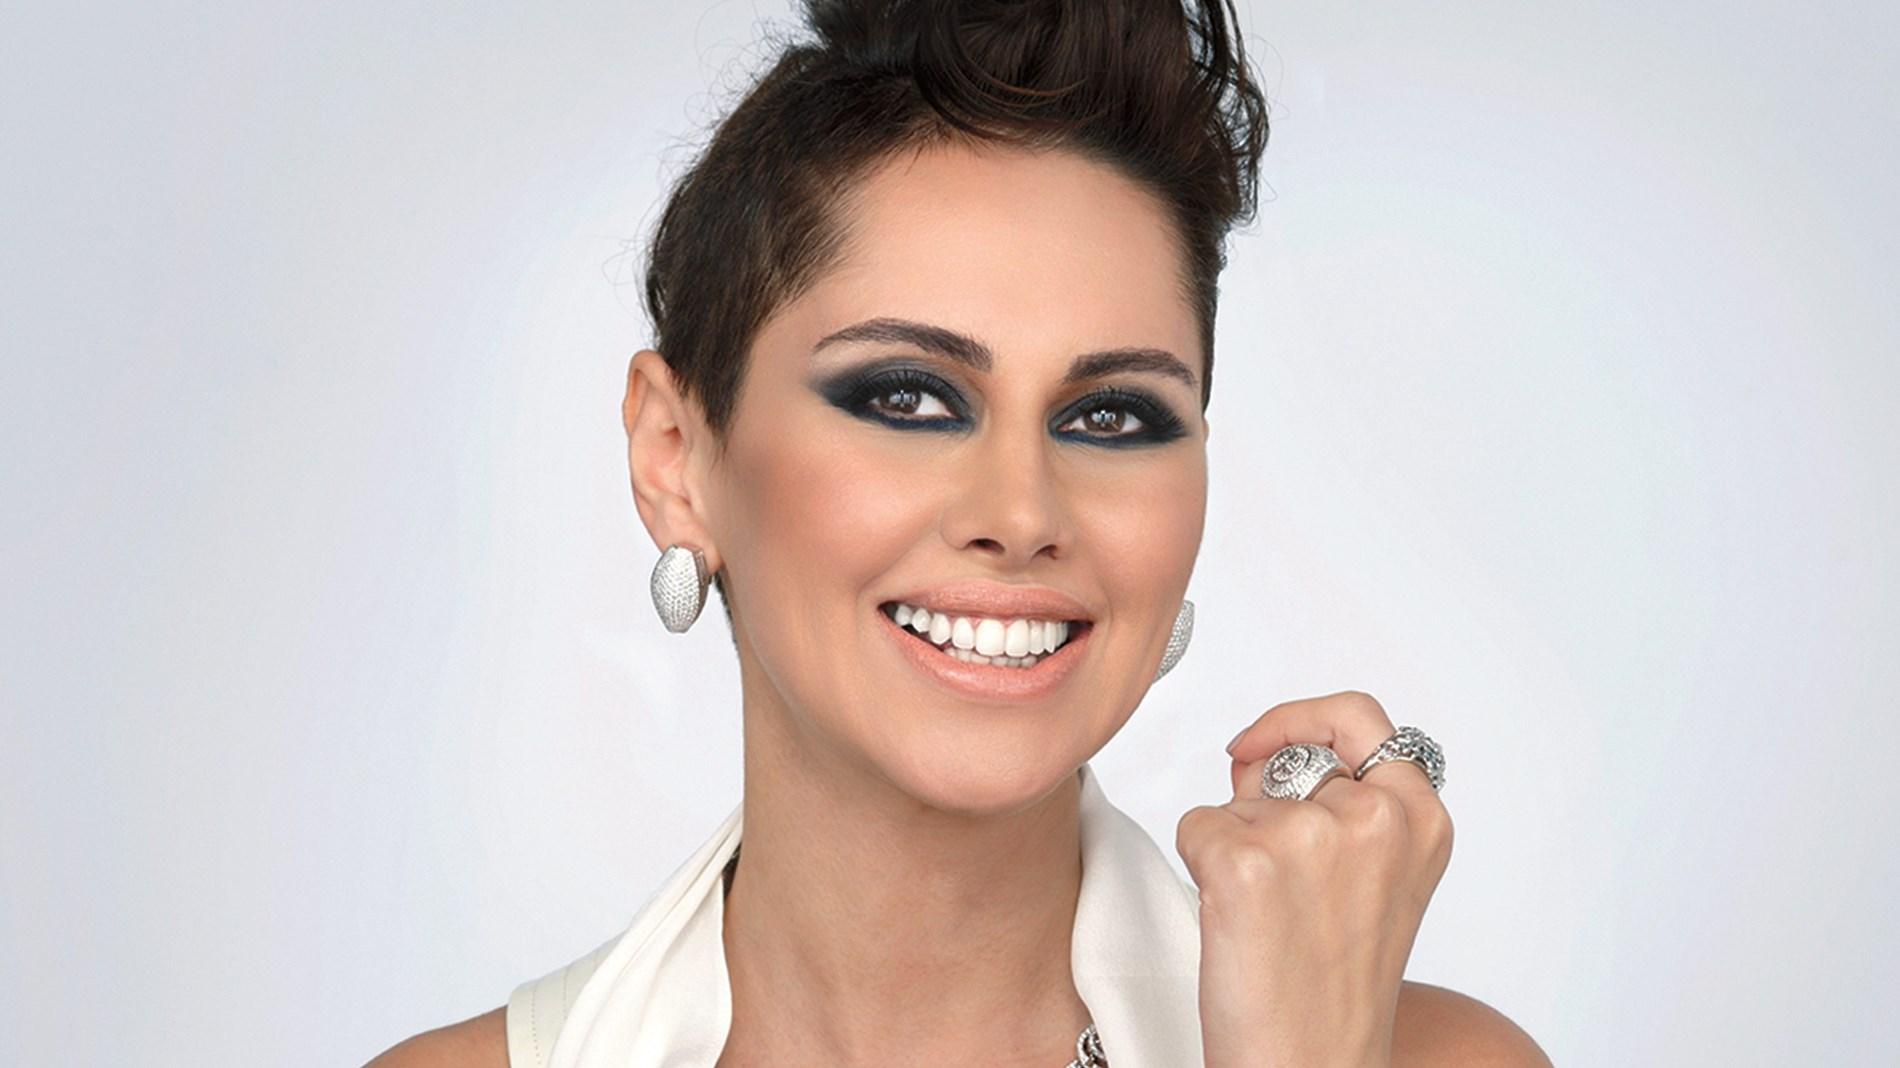 ياسمين رئيس تشوق الجمهور لمفاجأة مع حسن شاكوش